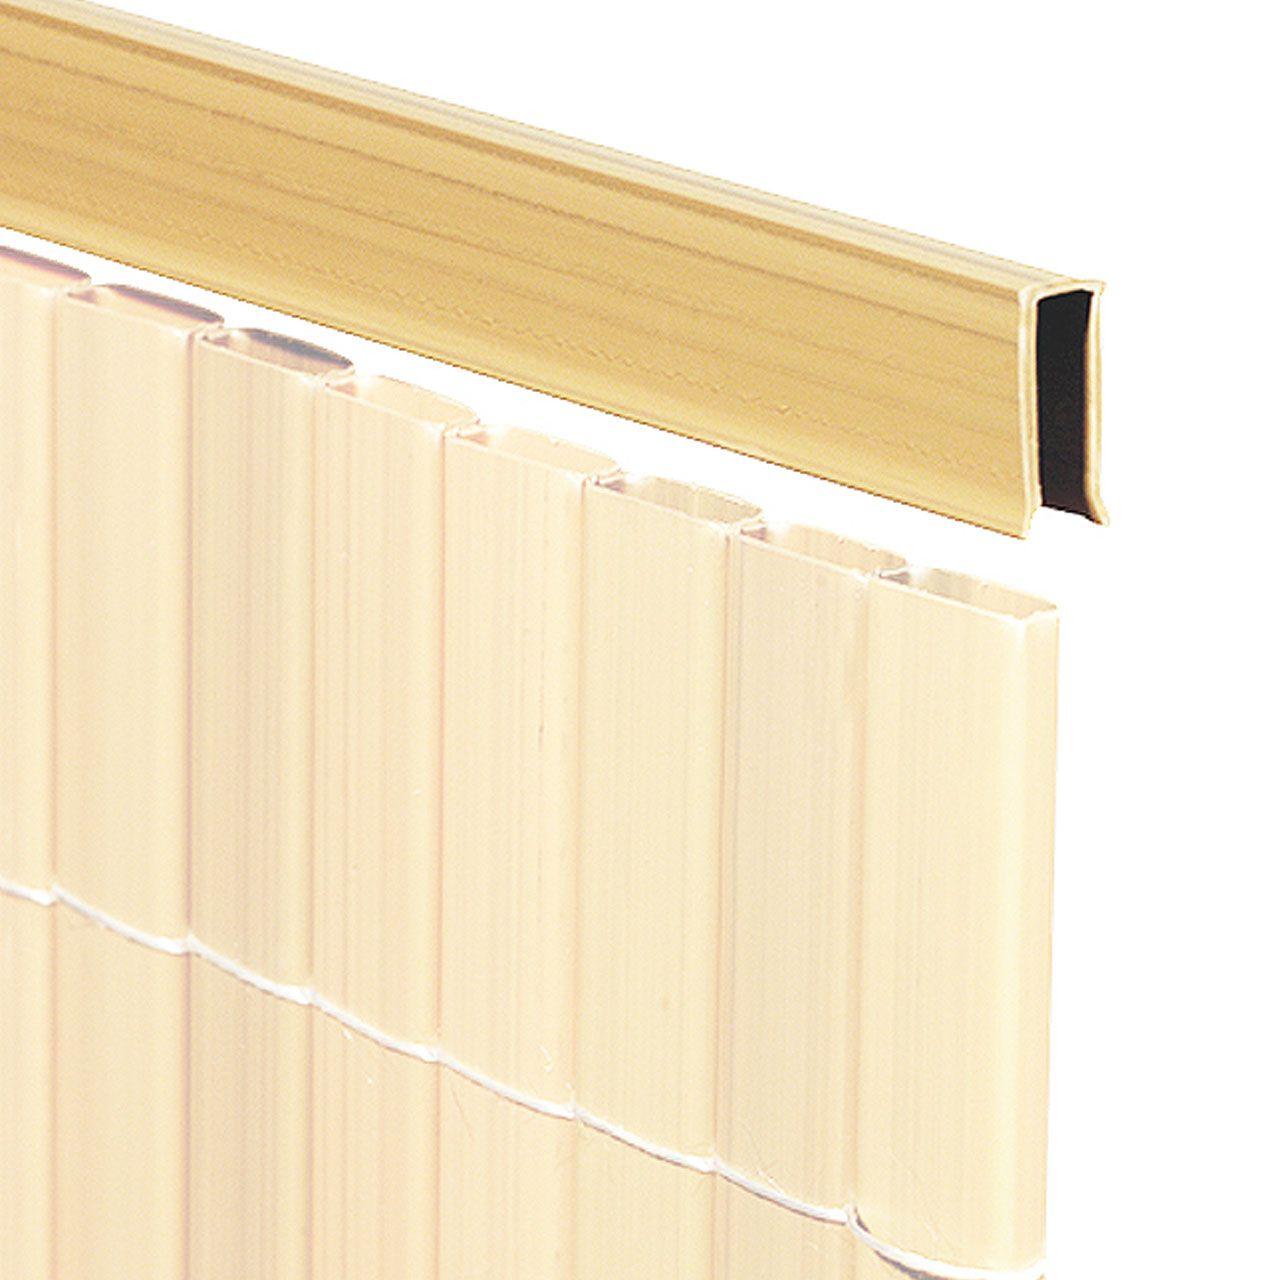 U Profil für Sichtschutzmatte Rügen bambus